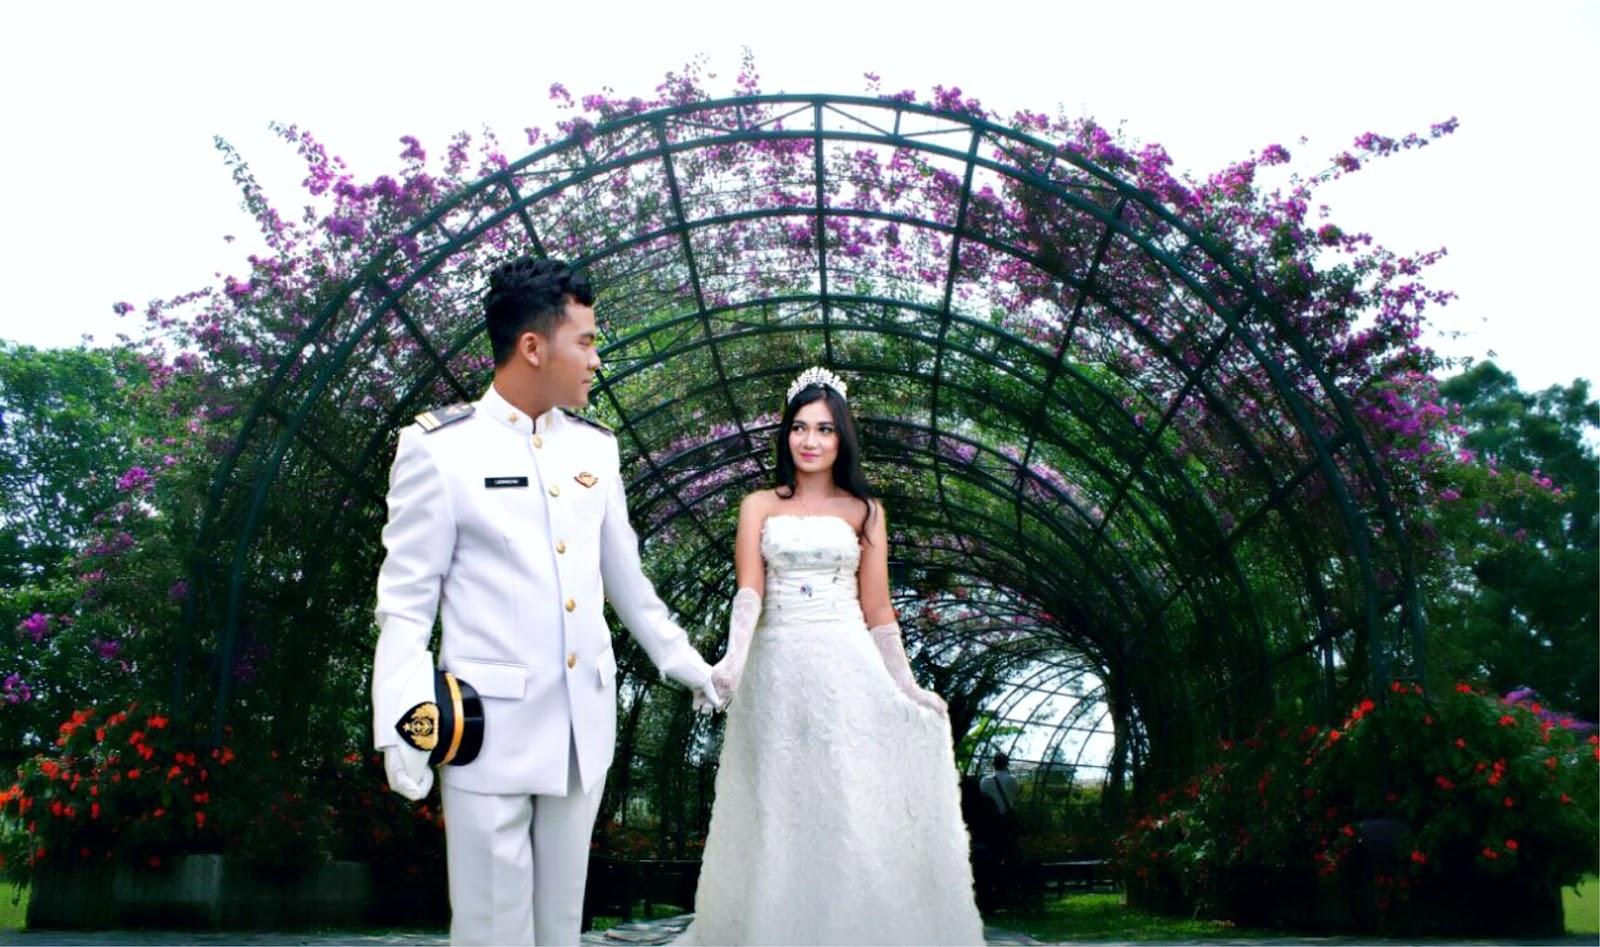 Kisah Cinta Bersama Pelaut Prewedding Ala Pelaut